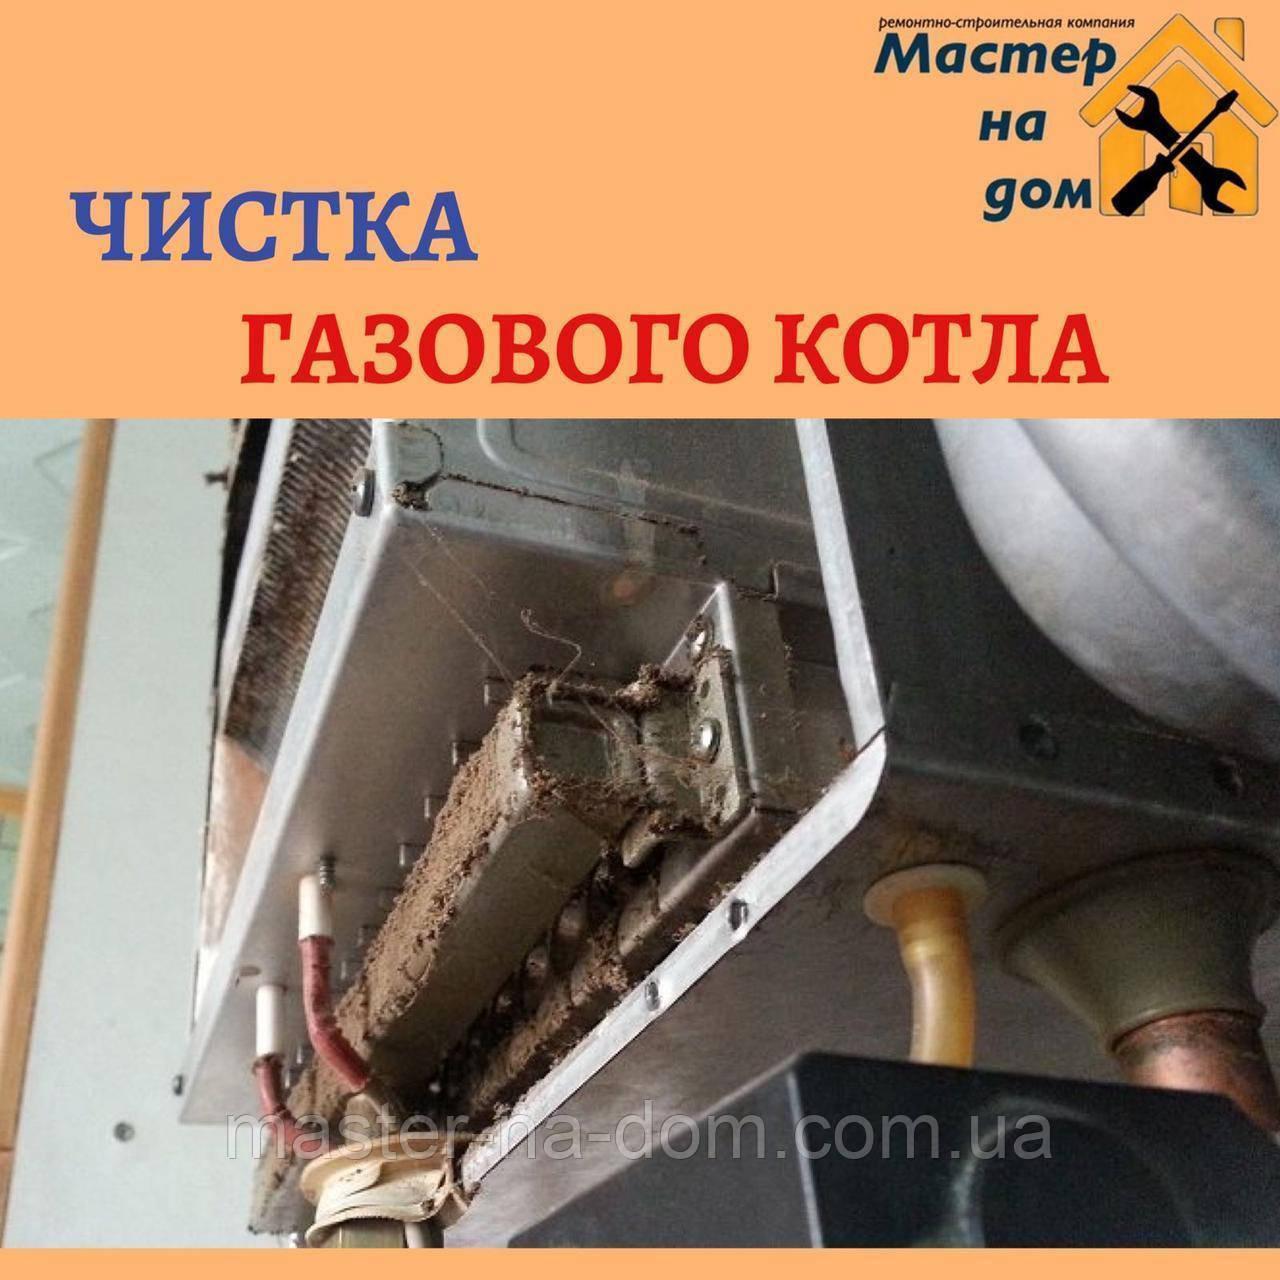 Чистка газового котла с гарантией в Ужгороде